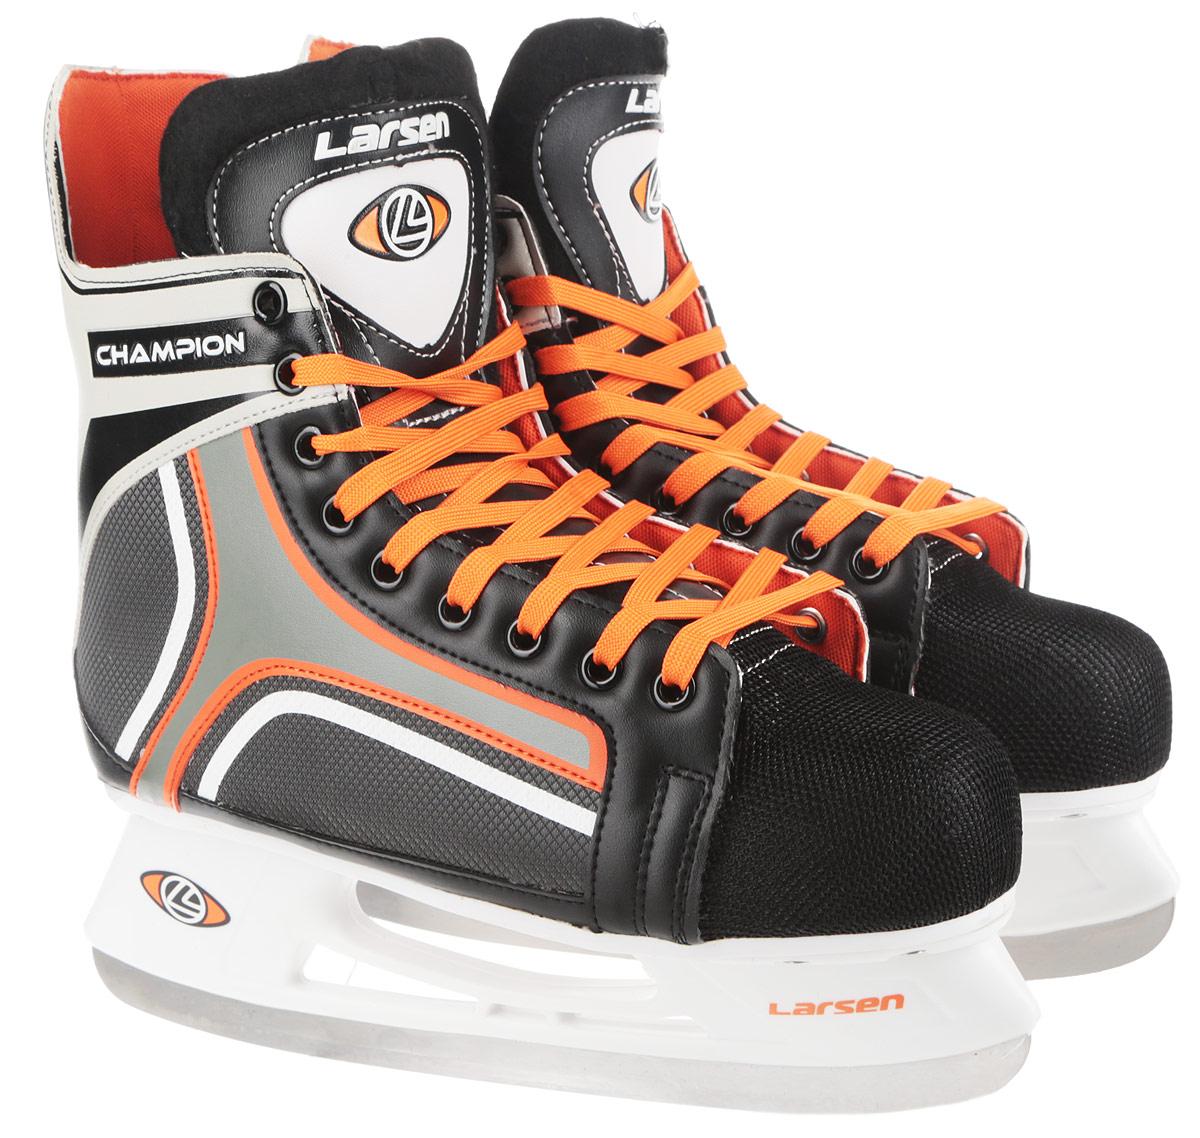 Коньки хоккейные мужские Larsen Champion, цвет: черный, белый, оранжевый. Размер 41ChampionСтильные коньки Champion от Larsen прекрасно подойдут для начинающих игроков в хоккей. Ботинок выполнен из морозоустойчивого поливинилхлорида. Мыс дополнен вставкой из полипропилена, покрытого сетчатым нейлоном, которая защитит ноги от ударов. Внутренний слой изготовлен из мягкого текстиля, который обеспечит тепло и комфорт во время катания, язычок - из войлока. Плотная шнуровка надежно фиксирует модель на ноге. Голеностоп имеет удобный суппорт. Стелька из EVA с текстильной поверхностью обеспечит комфортное катание. Стойка выполнена из ударопрочного полипропилена. Лезвие из нержавеющей стали обеспечит превосходное скольжение. В комплект входят пластиковые чехлы для лезвий. Температура использования до -20°С.